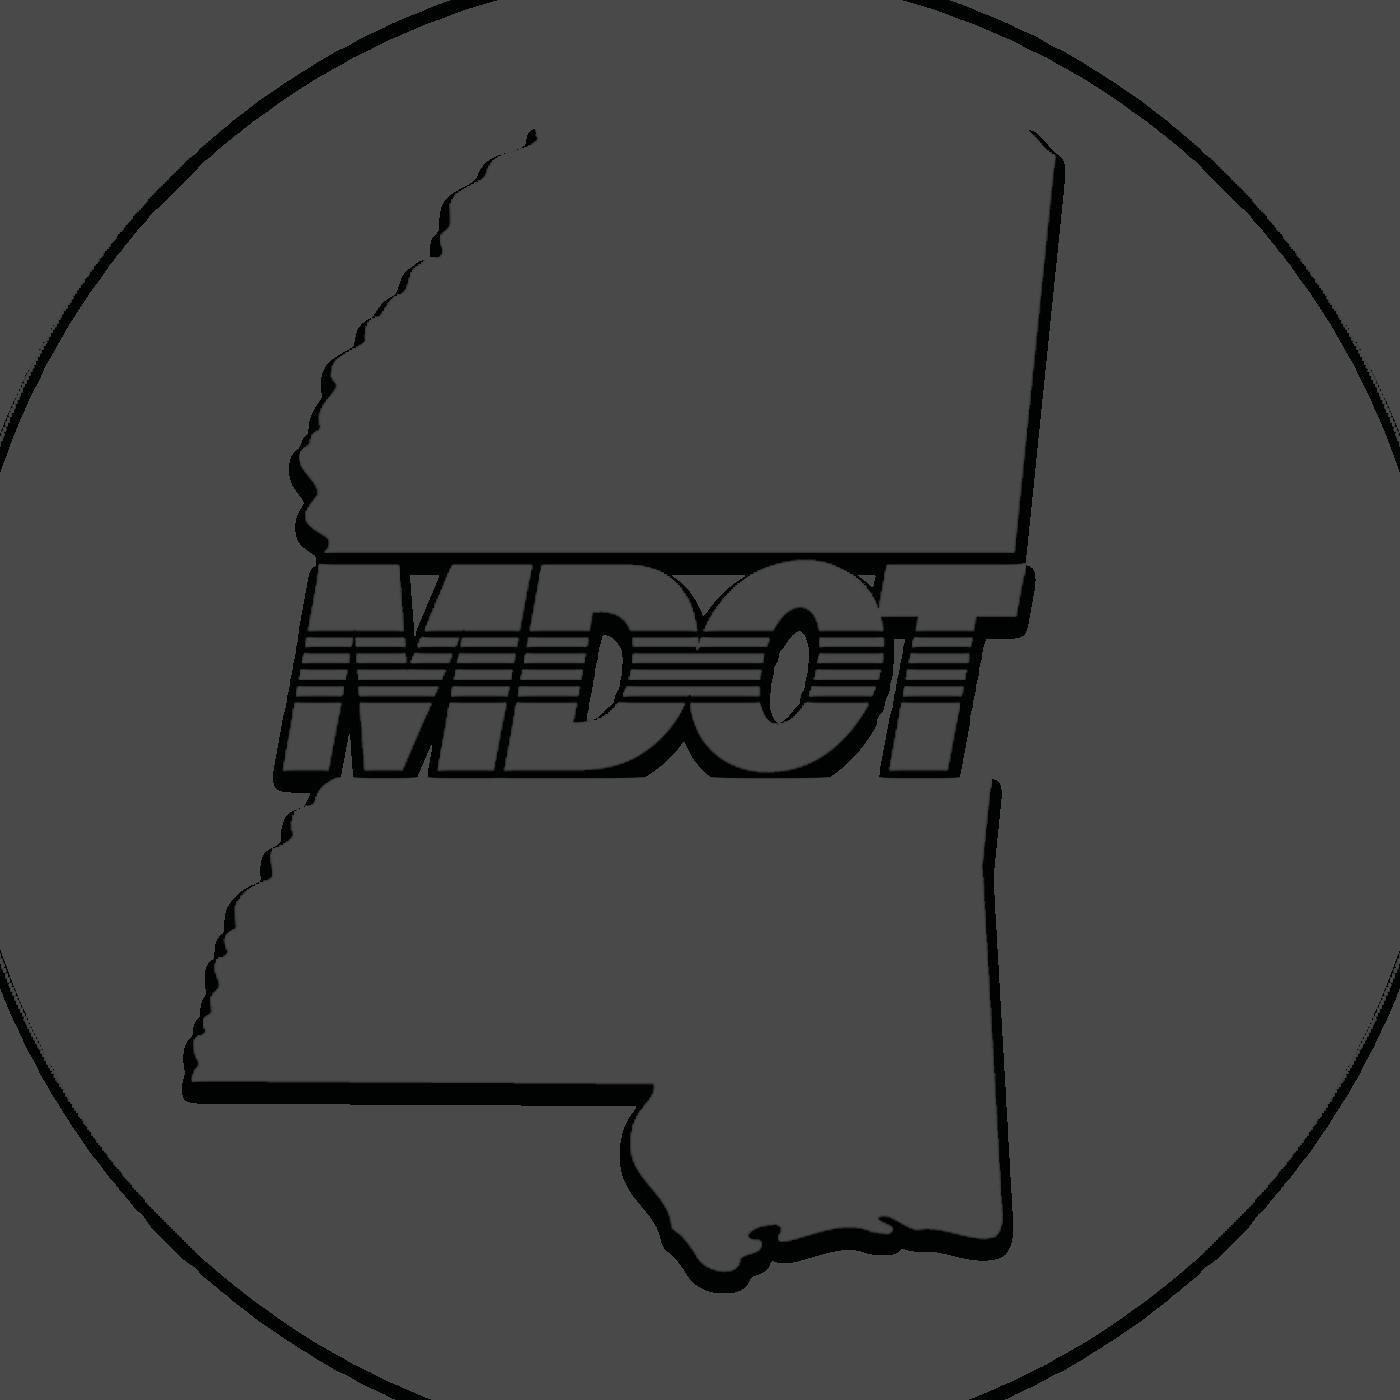 Mississippi Department of Transportation